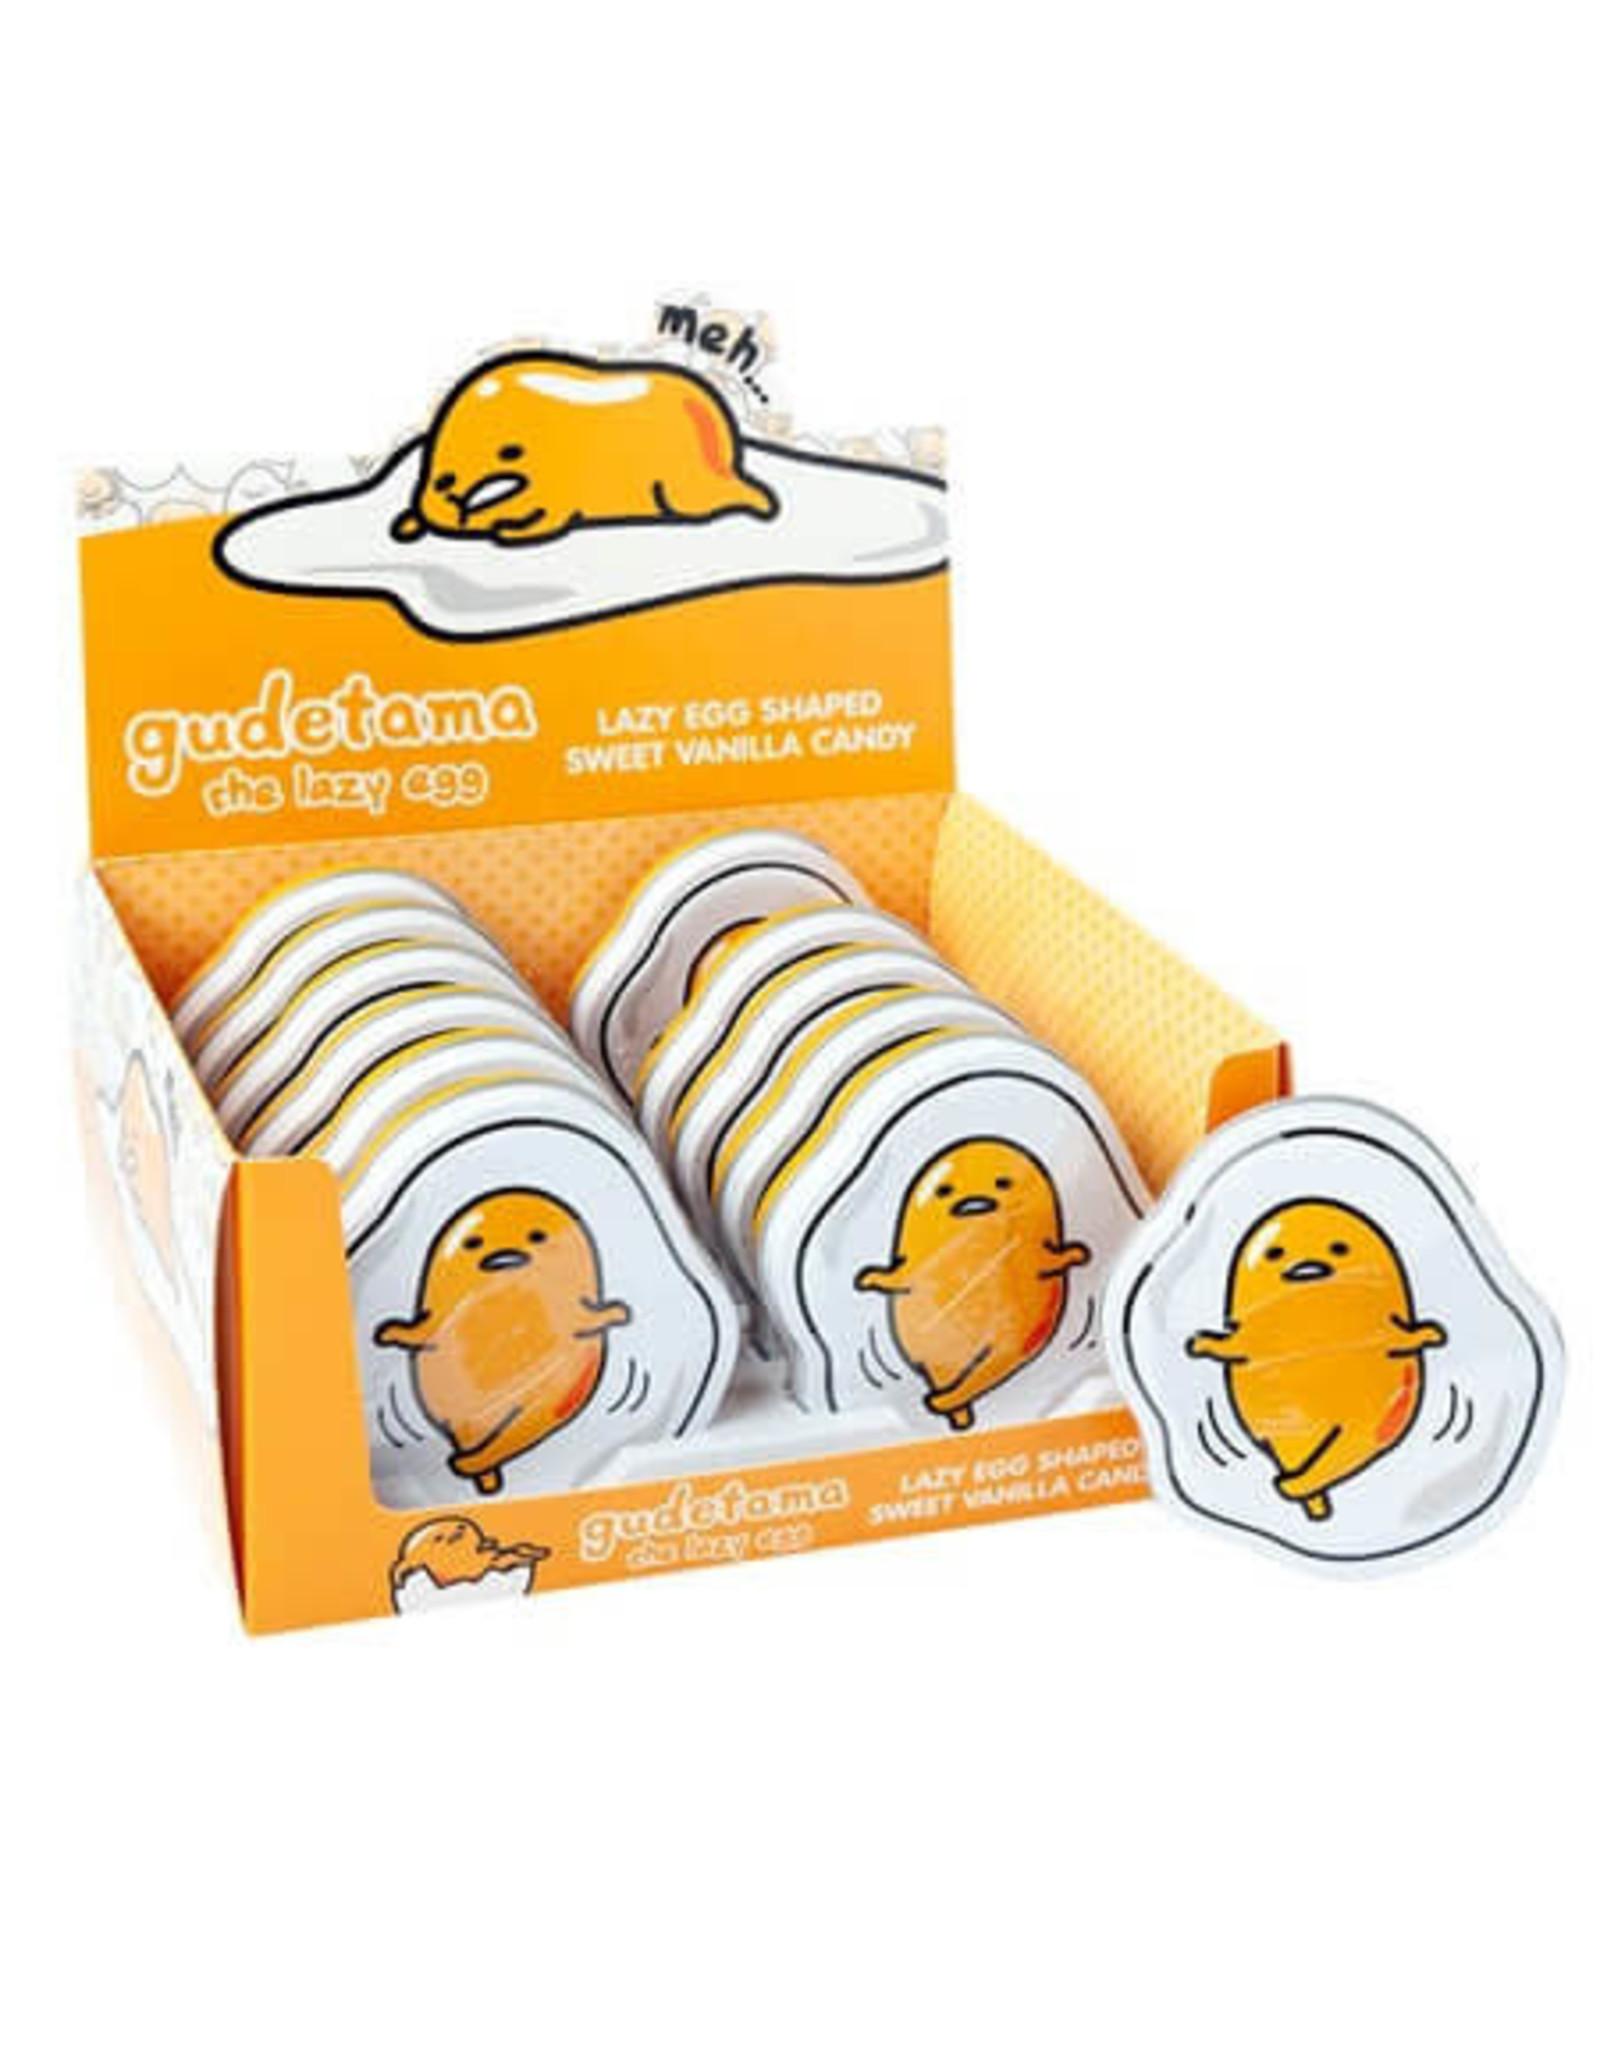 Gudetama Candy Tin - Lazy Egg Tin - 43g